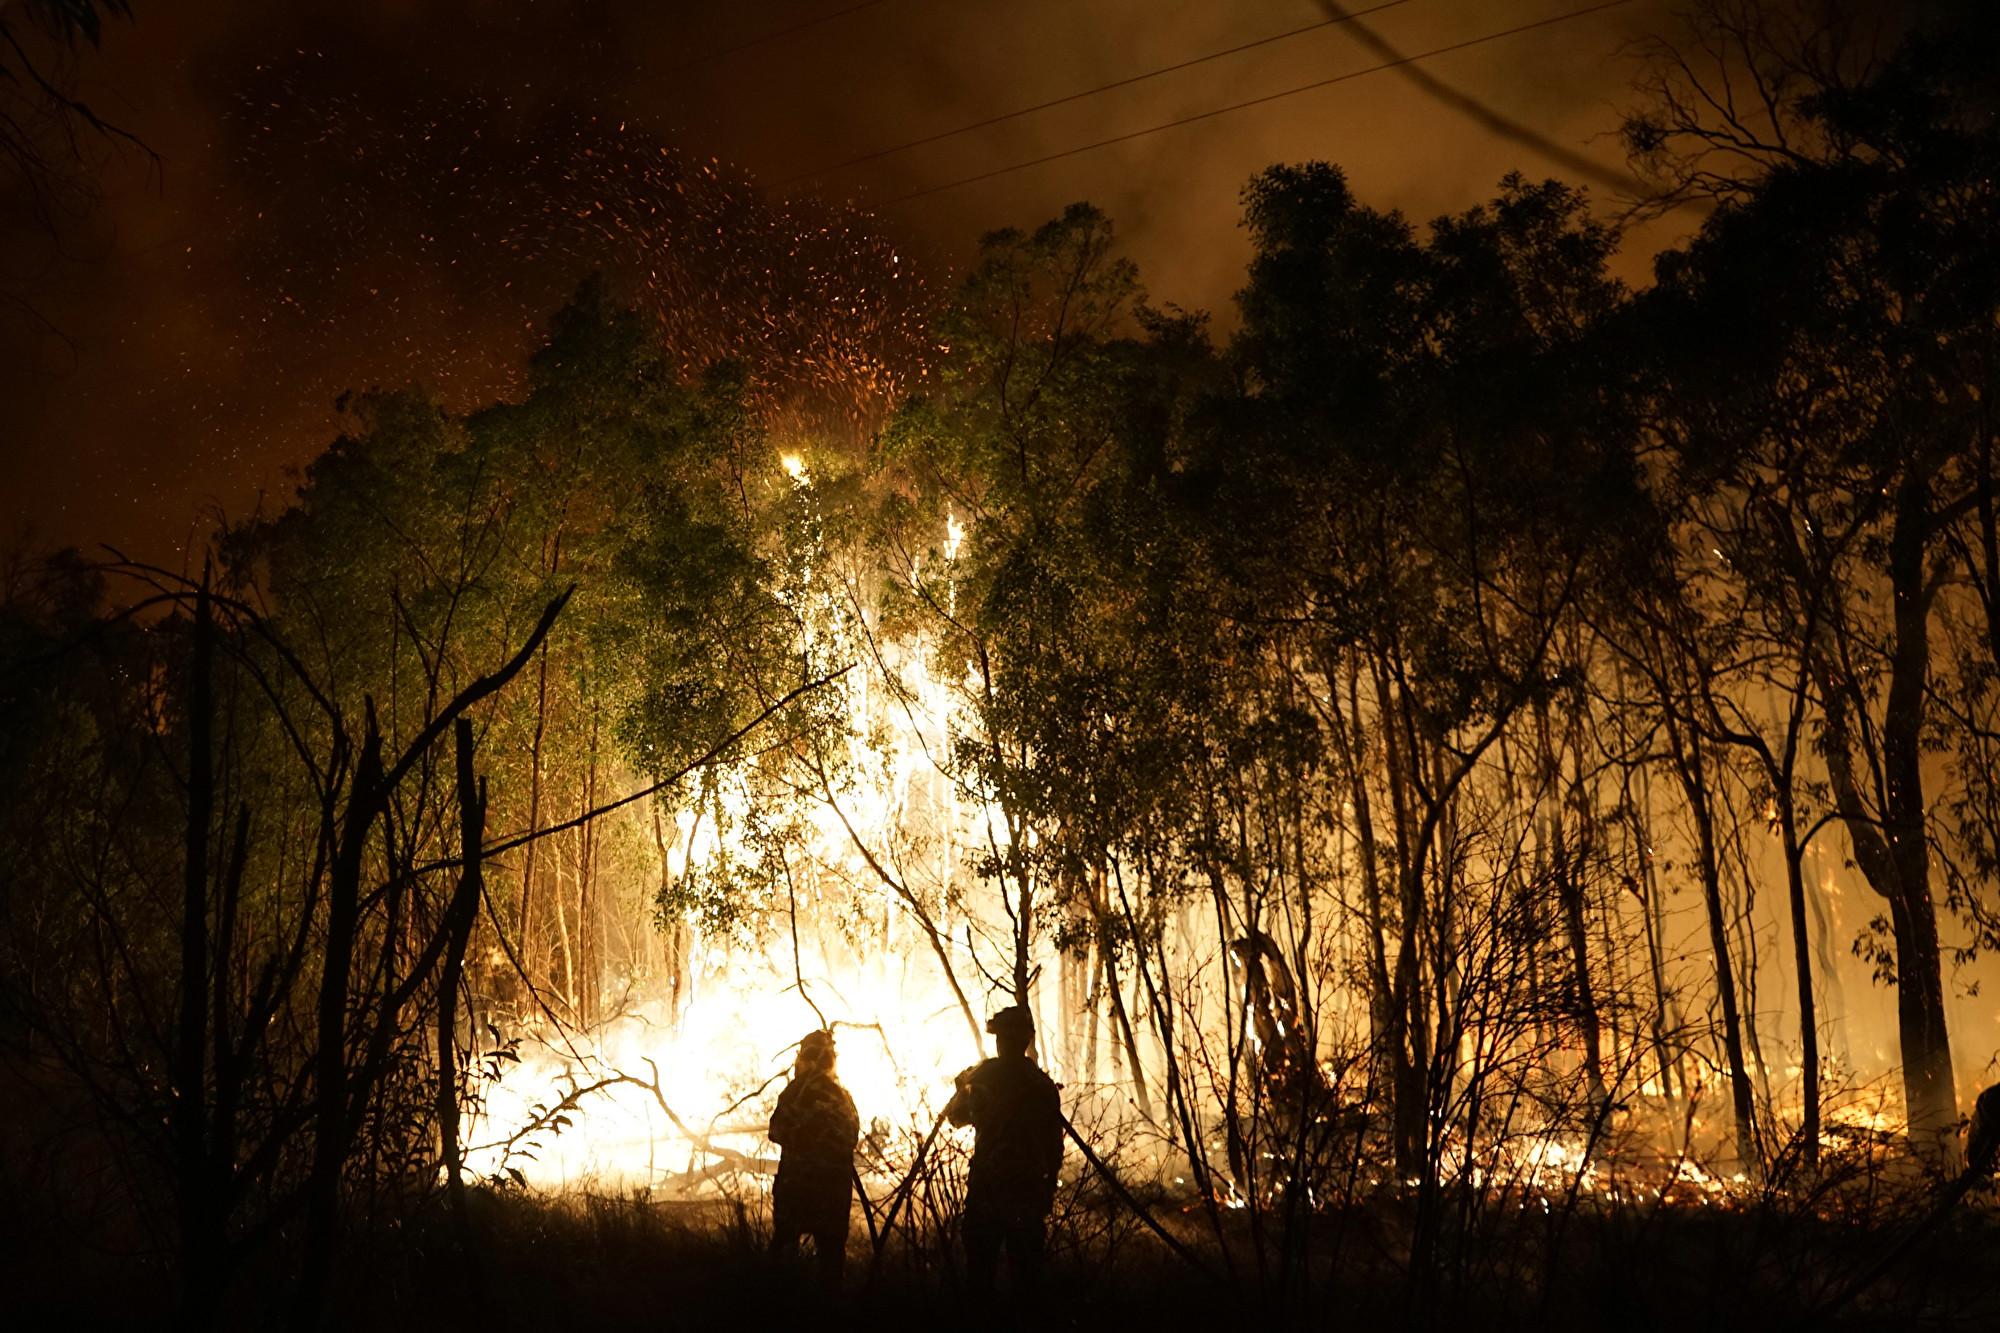 全球逾萬人募捐長跑 為澳洲山火災民籌款